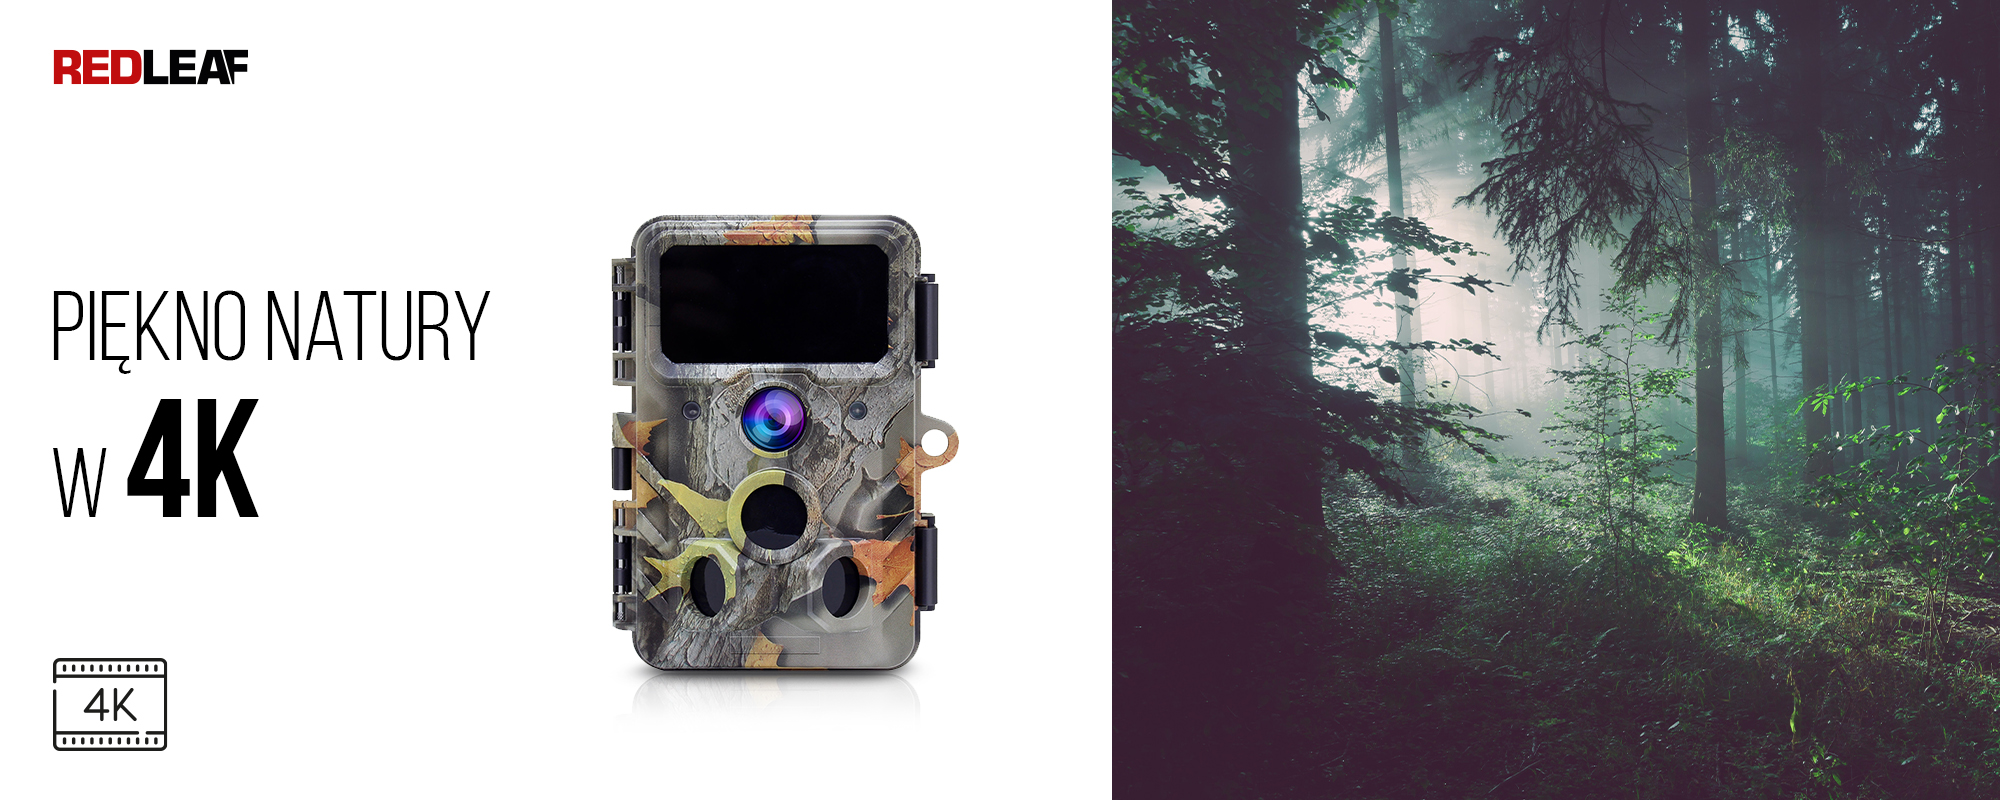 Kamera obserwacyjna Redleaf RD3019 Pro oraz światło przebijające się między drzewami